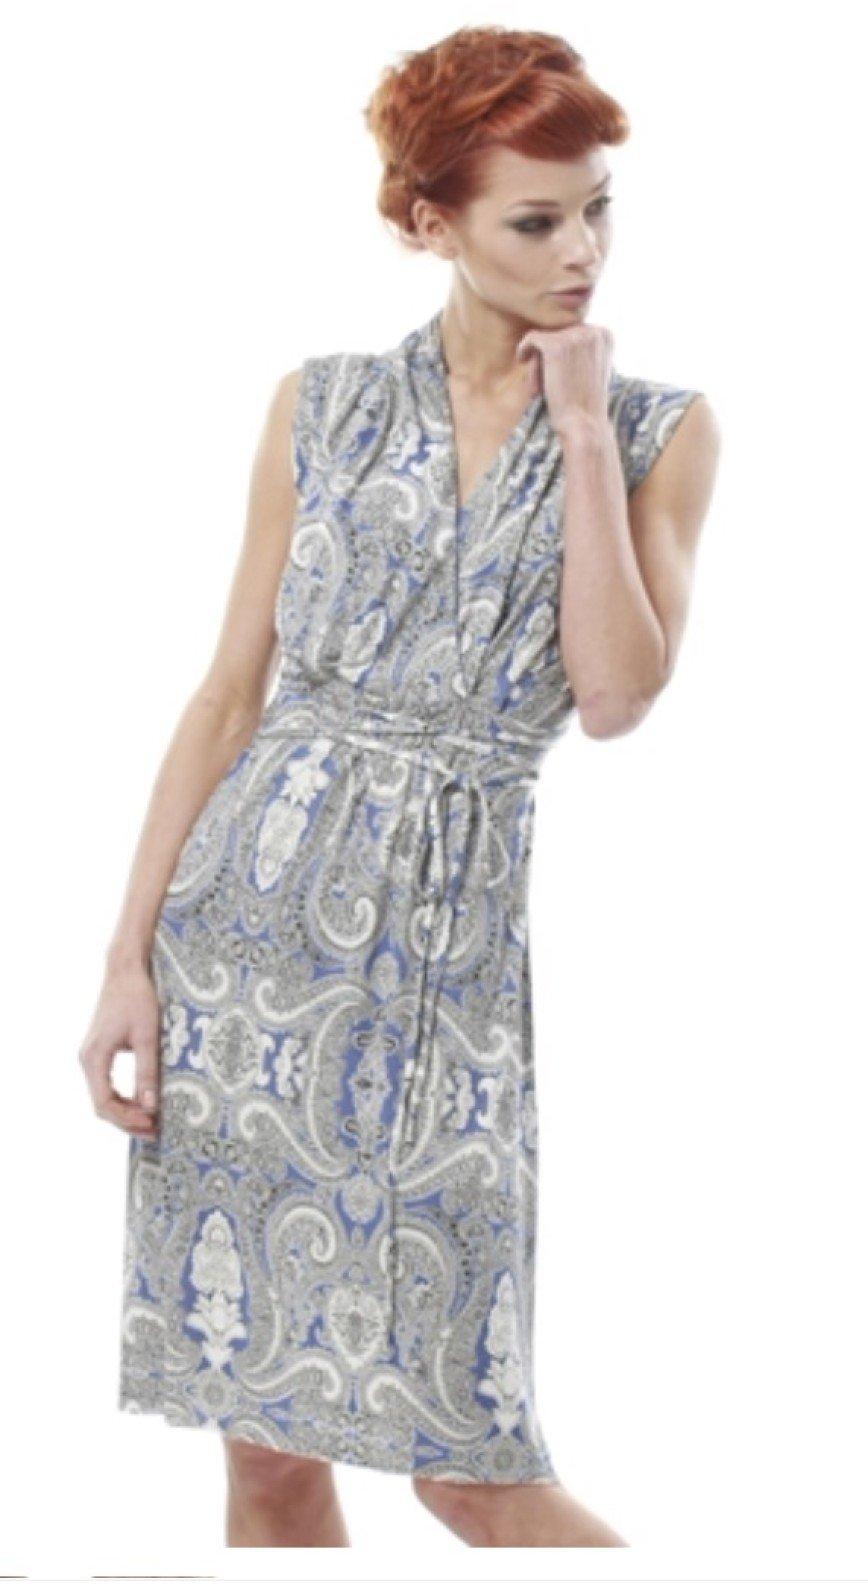 Новое платье ВисАВис, размер S на 42-44, за 1500р